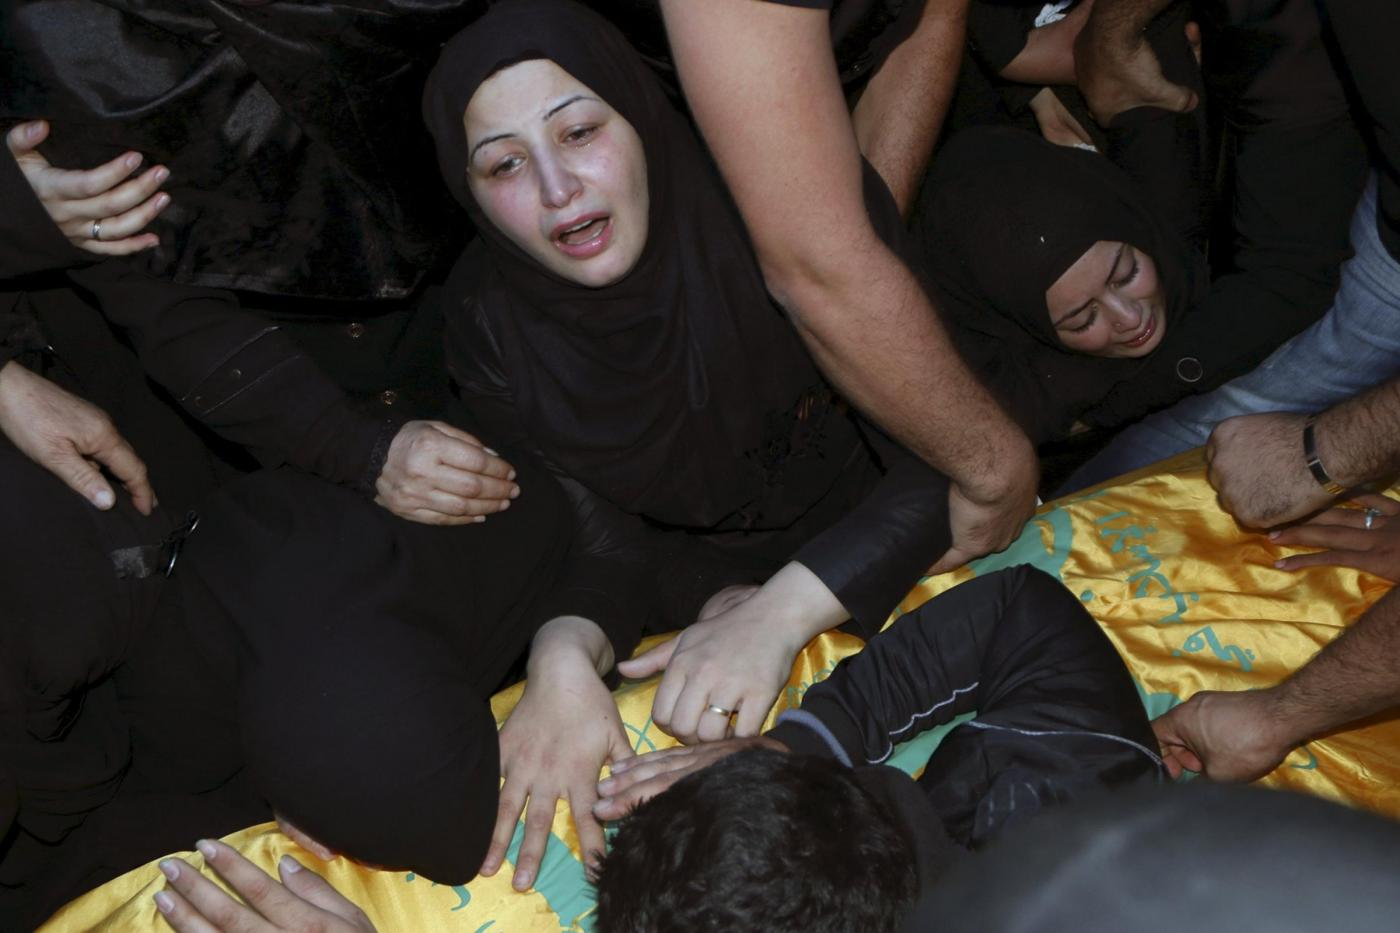 Lutto in Libano dopo gli attacchi a Beirut